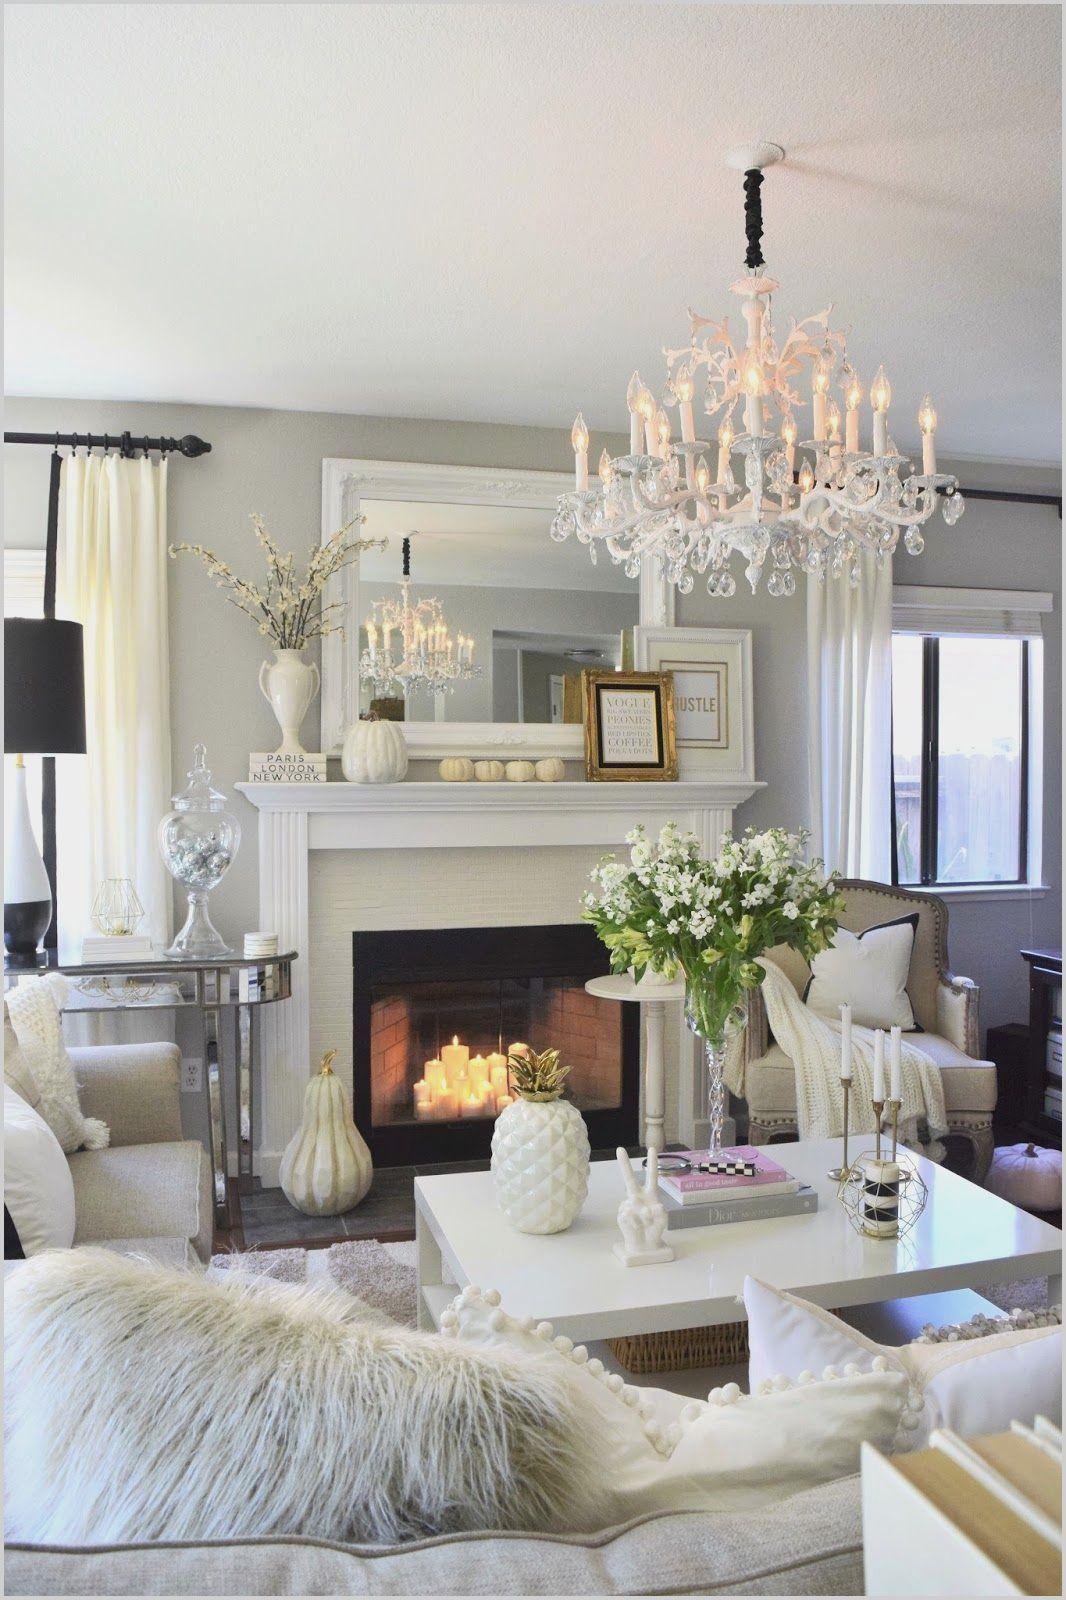 Disney Decorated Living Room Ruang Keluarga Mewah Ide Dekorasi Rumah Desain Interior Ruang Tamu